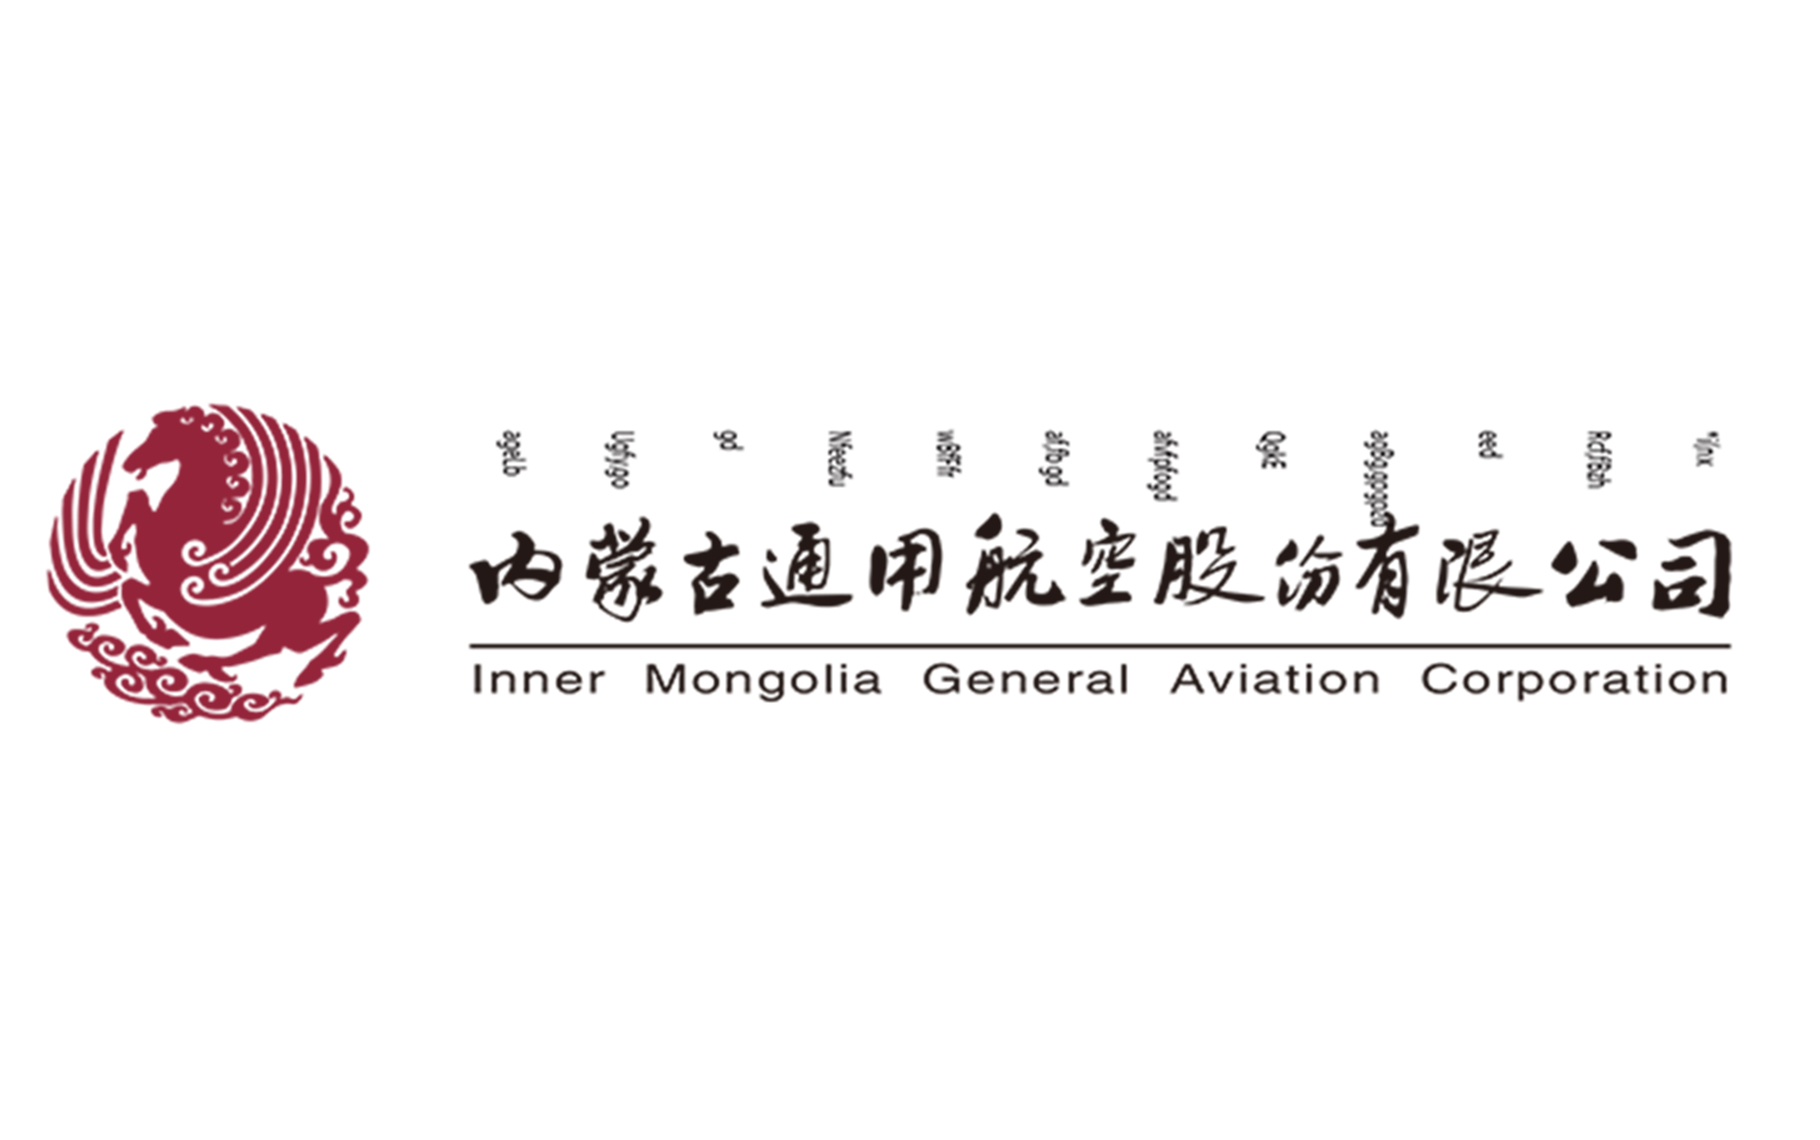 内蒙古通用航空股份有限